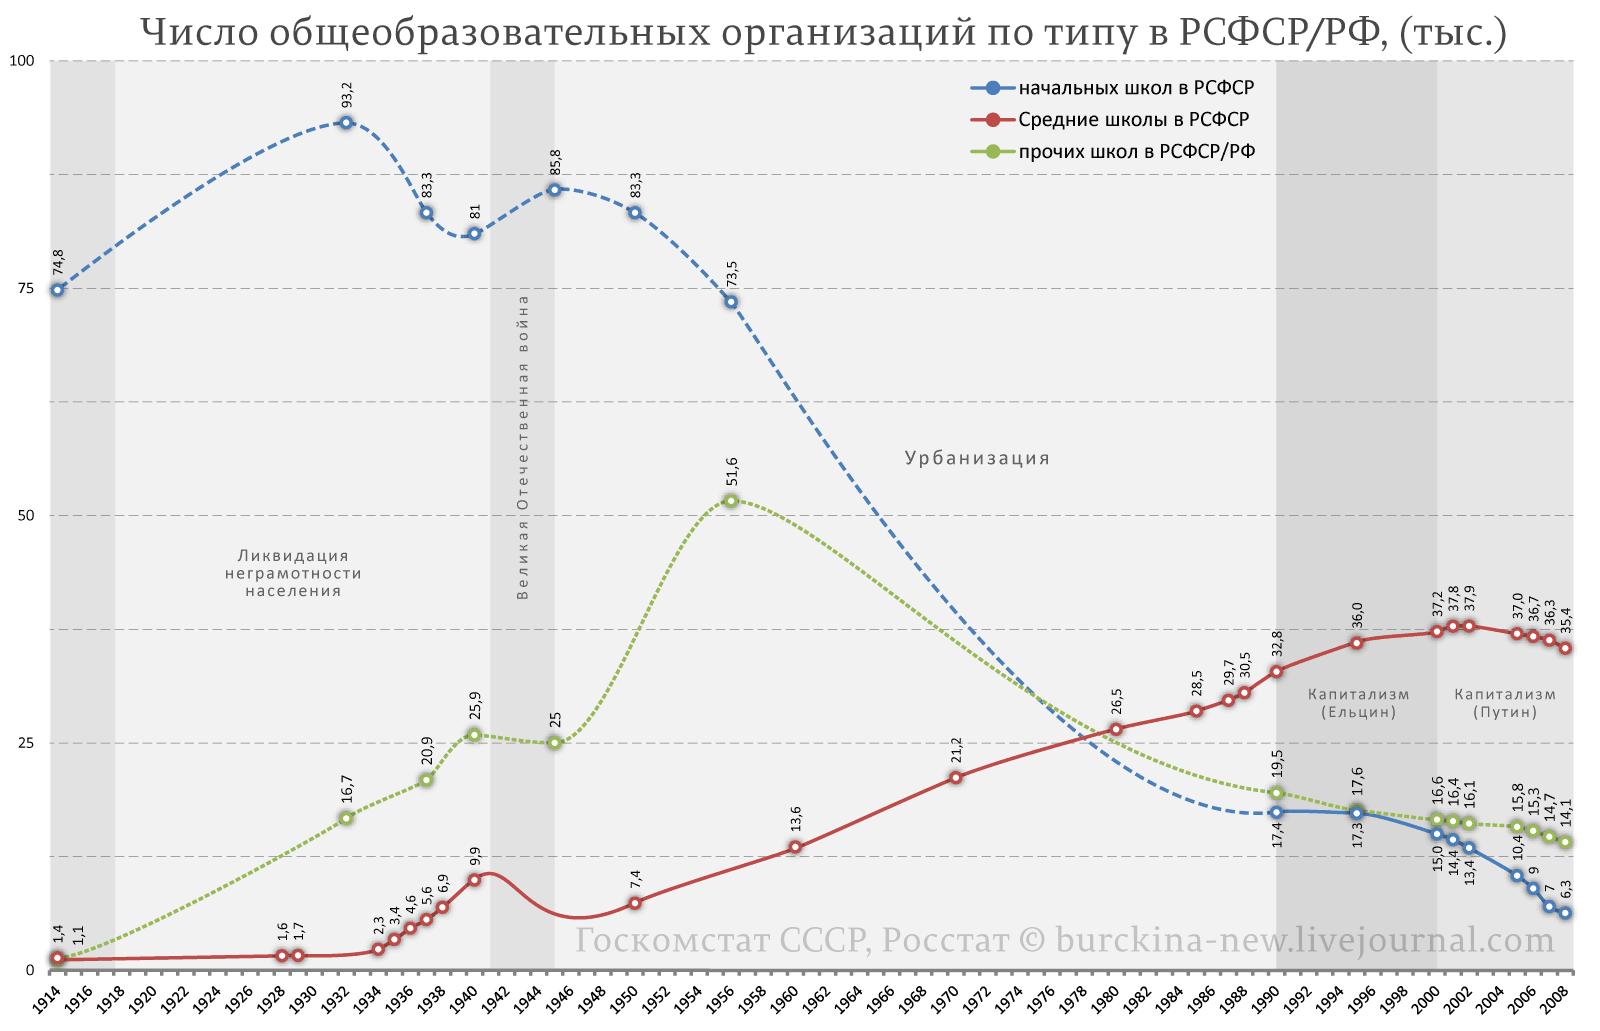 О причинах сокращения числа школ в 50-60-е годы и при Путине